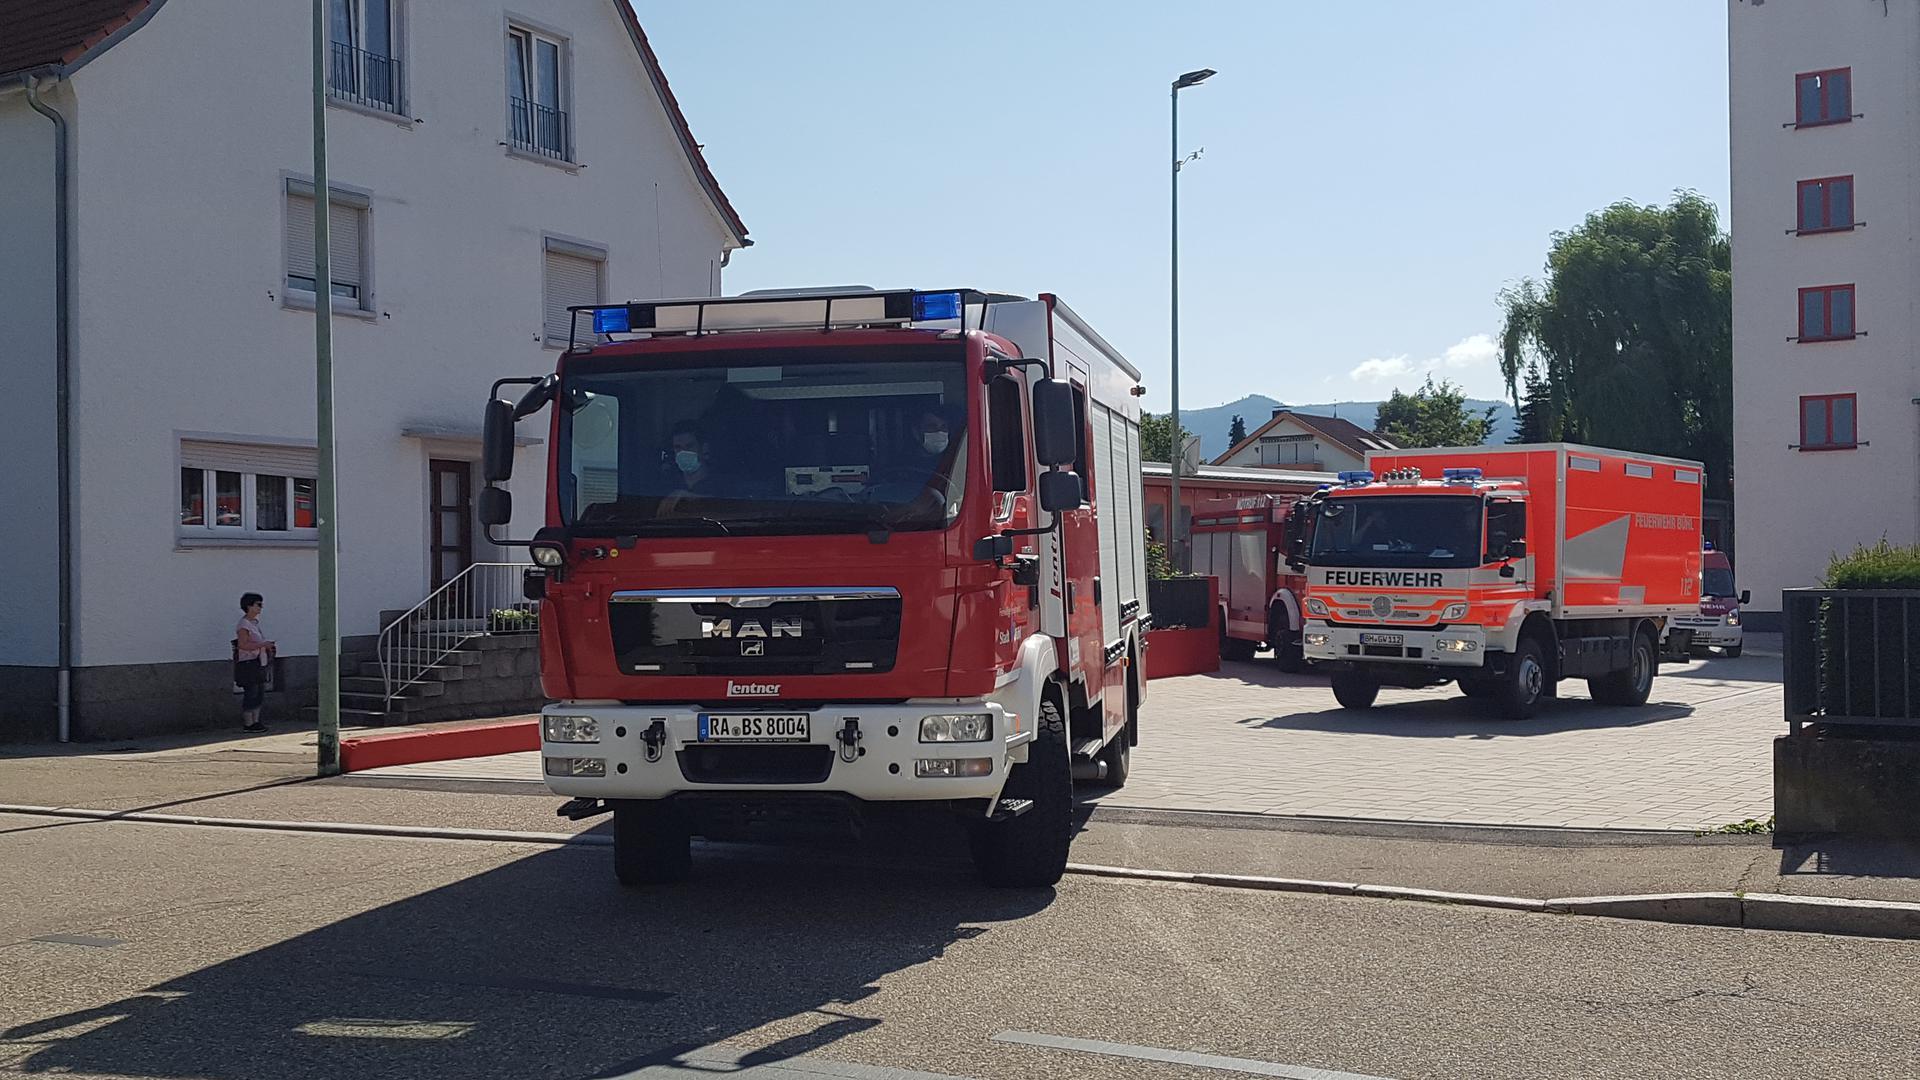 zwei Einsatzwagen der Freiwilligen Feuerwehr in Bühl